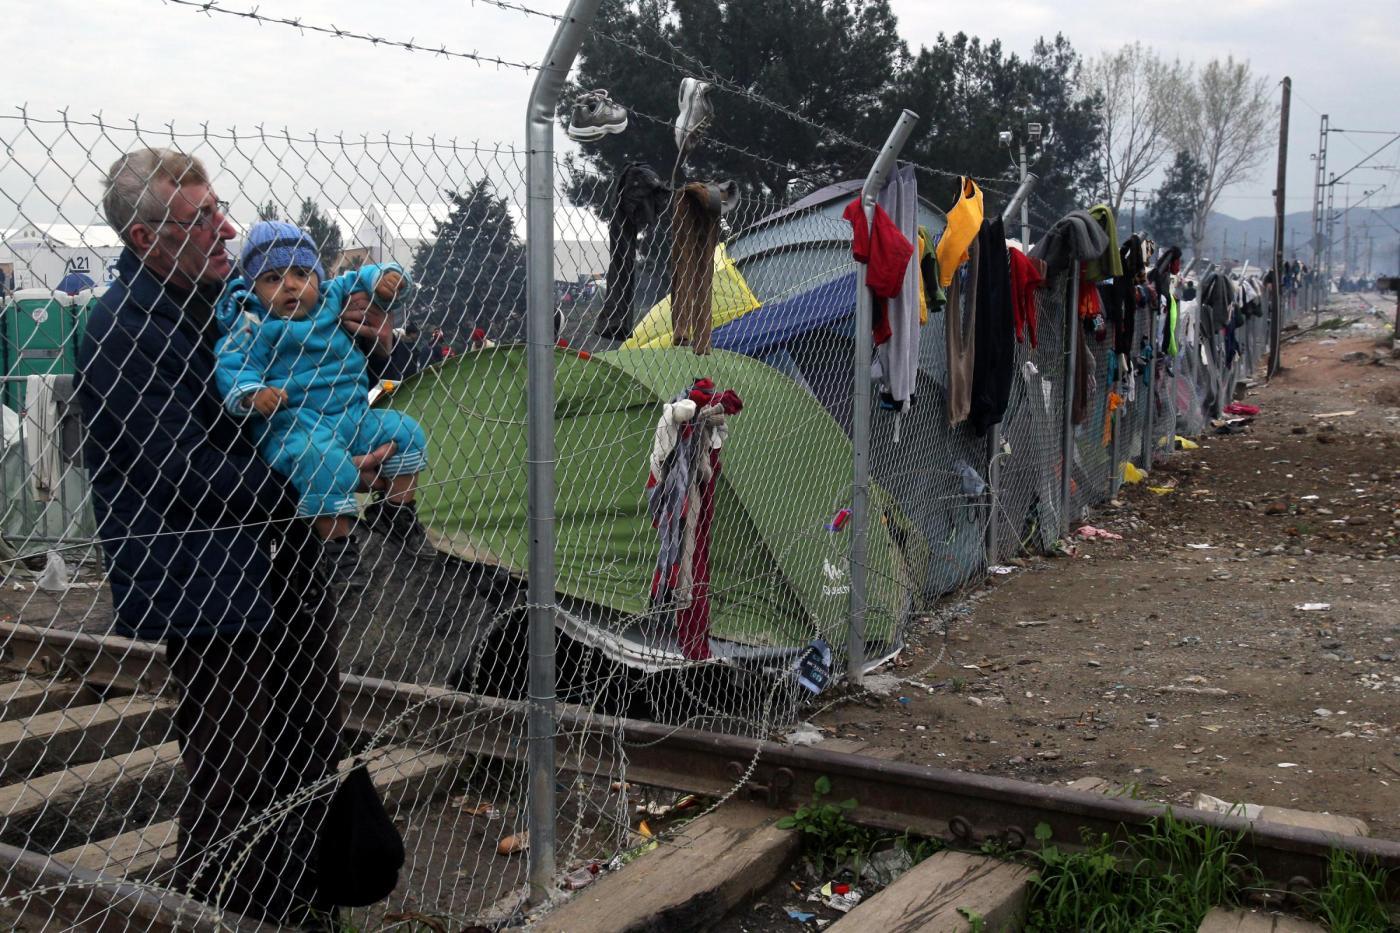 Migranti, l'emergenza continua ad Idomeni al confine tra Grecia e Macedonia